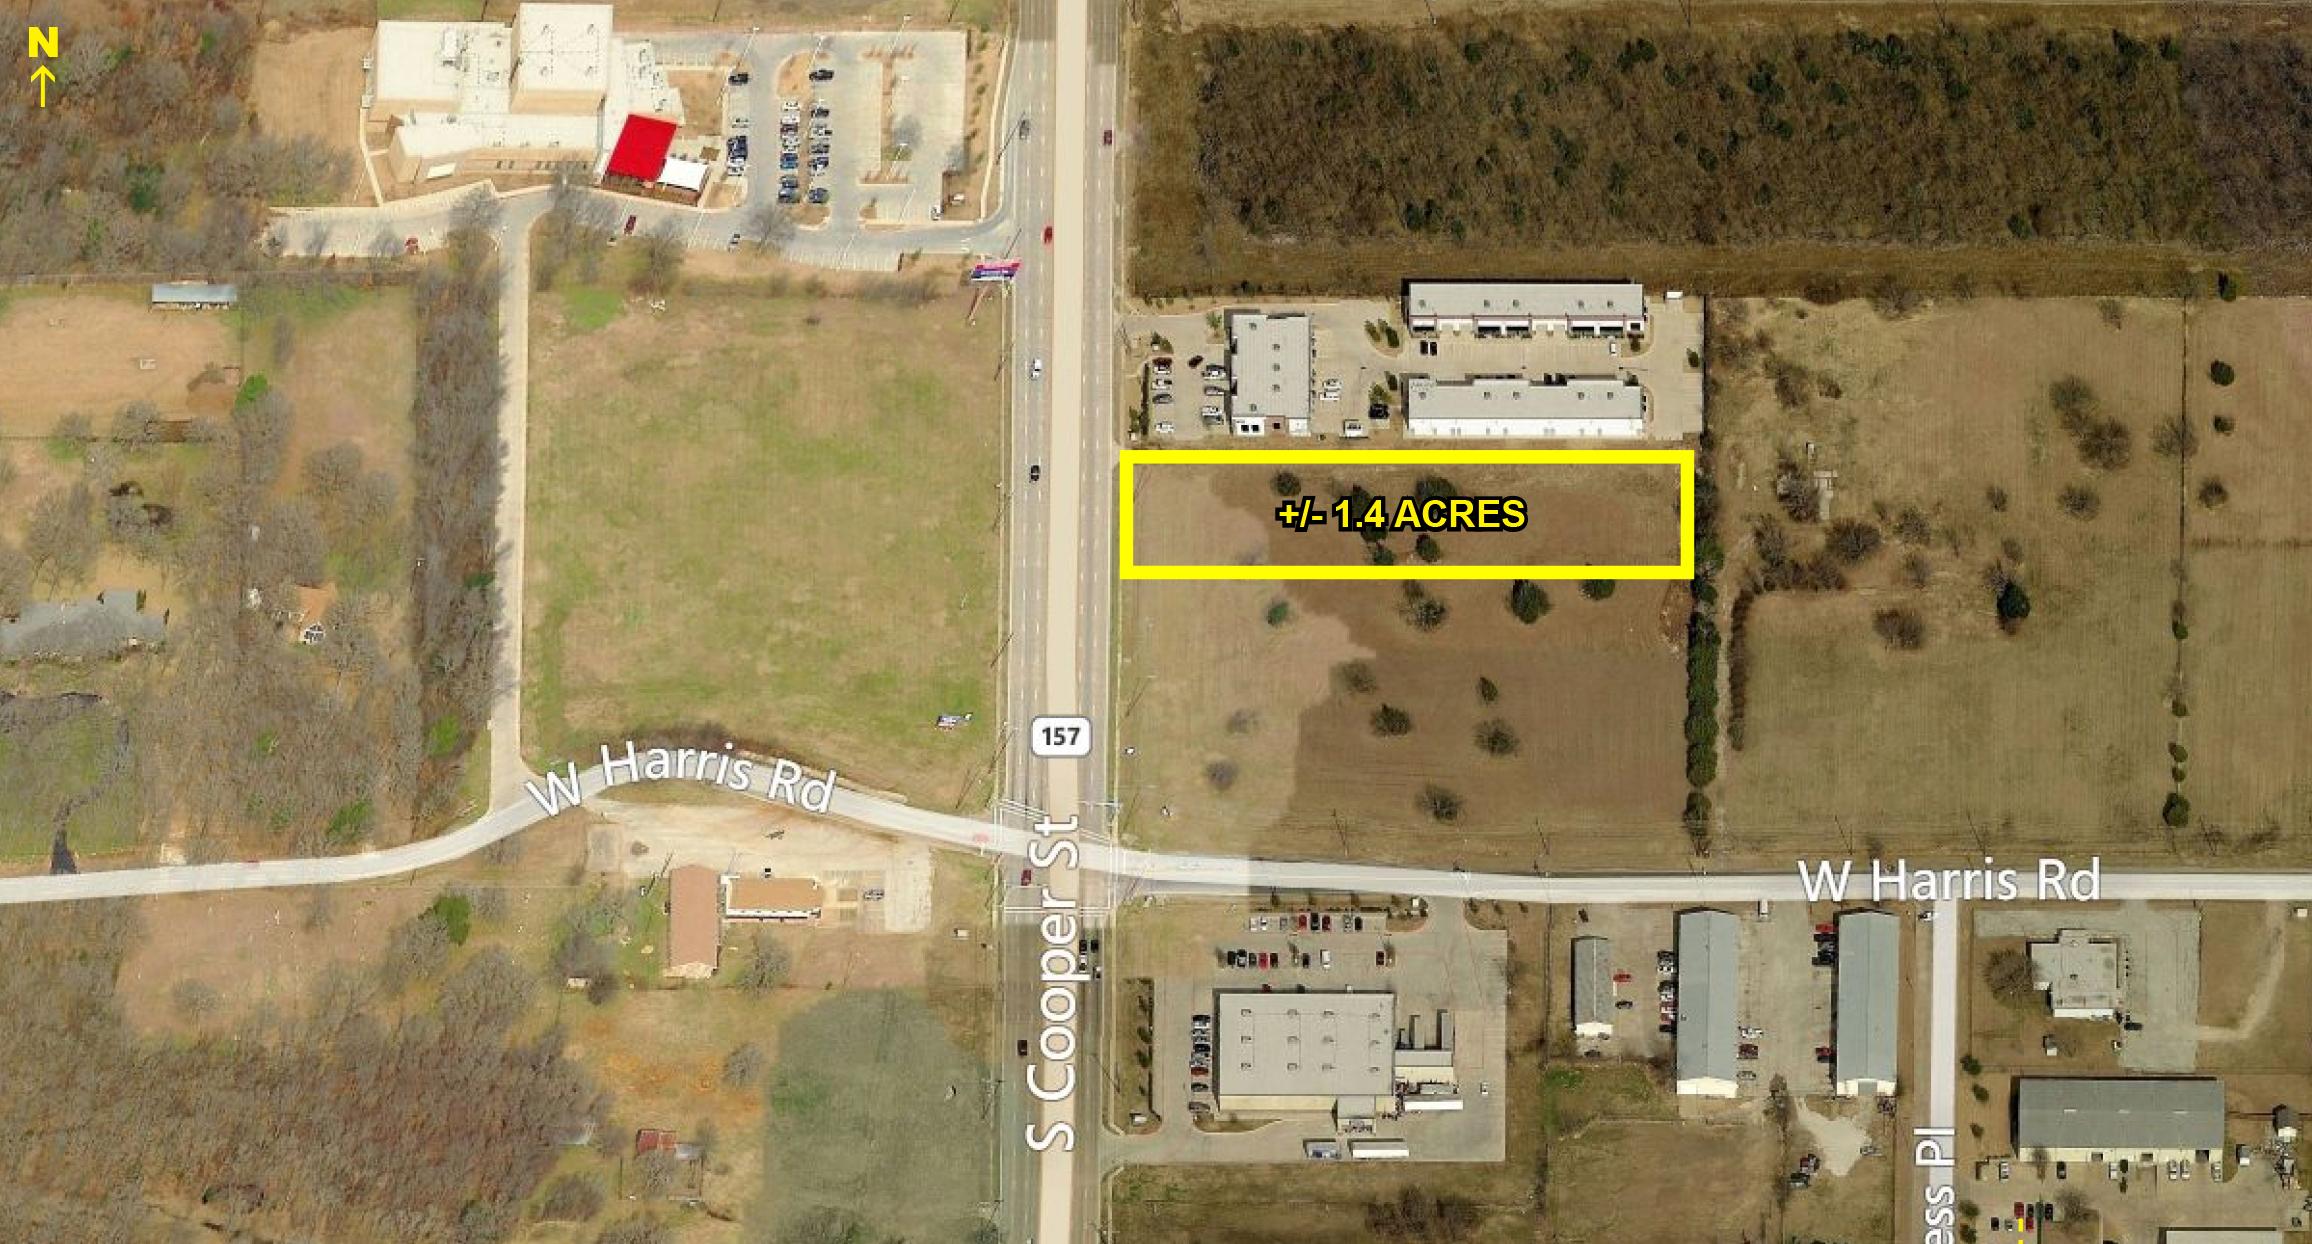 7207 S Cooper St, Arlington  1.4 acres